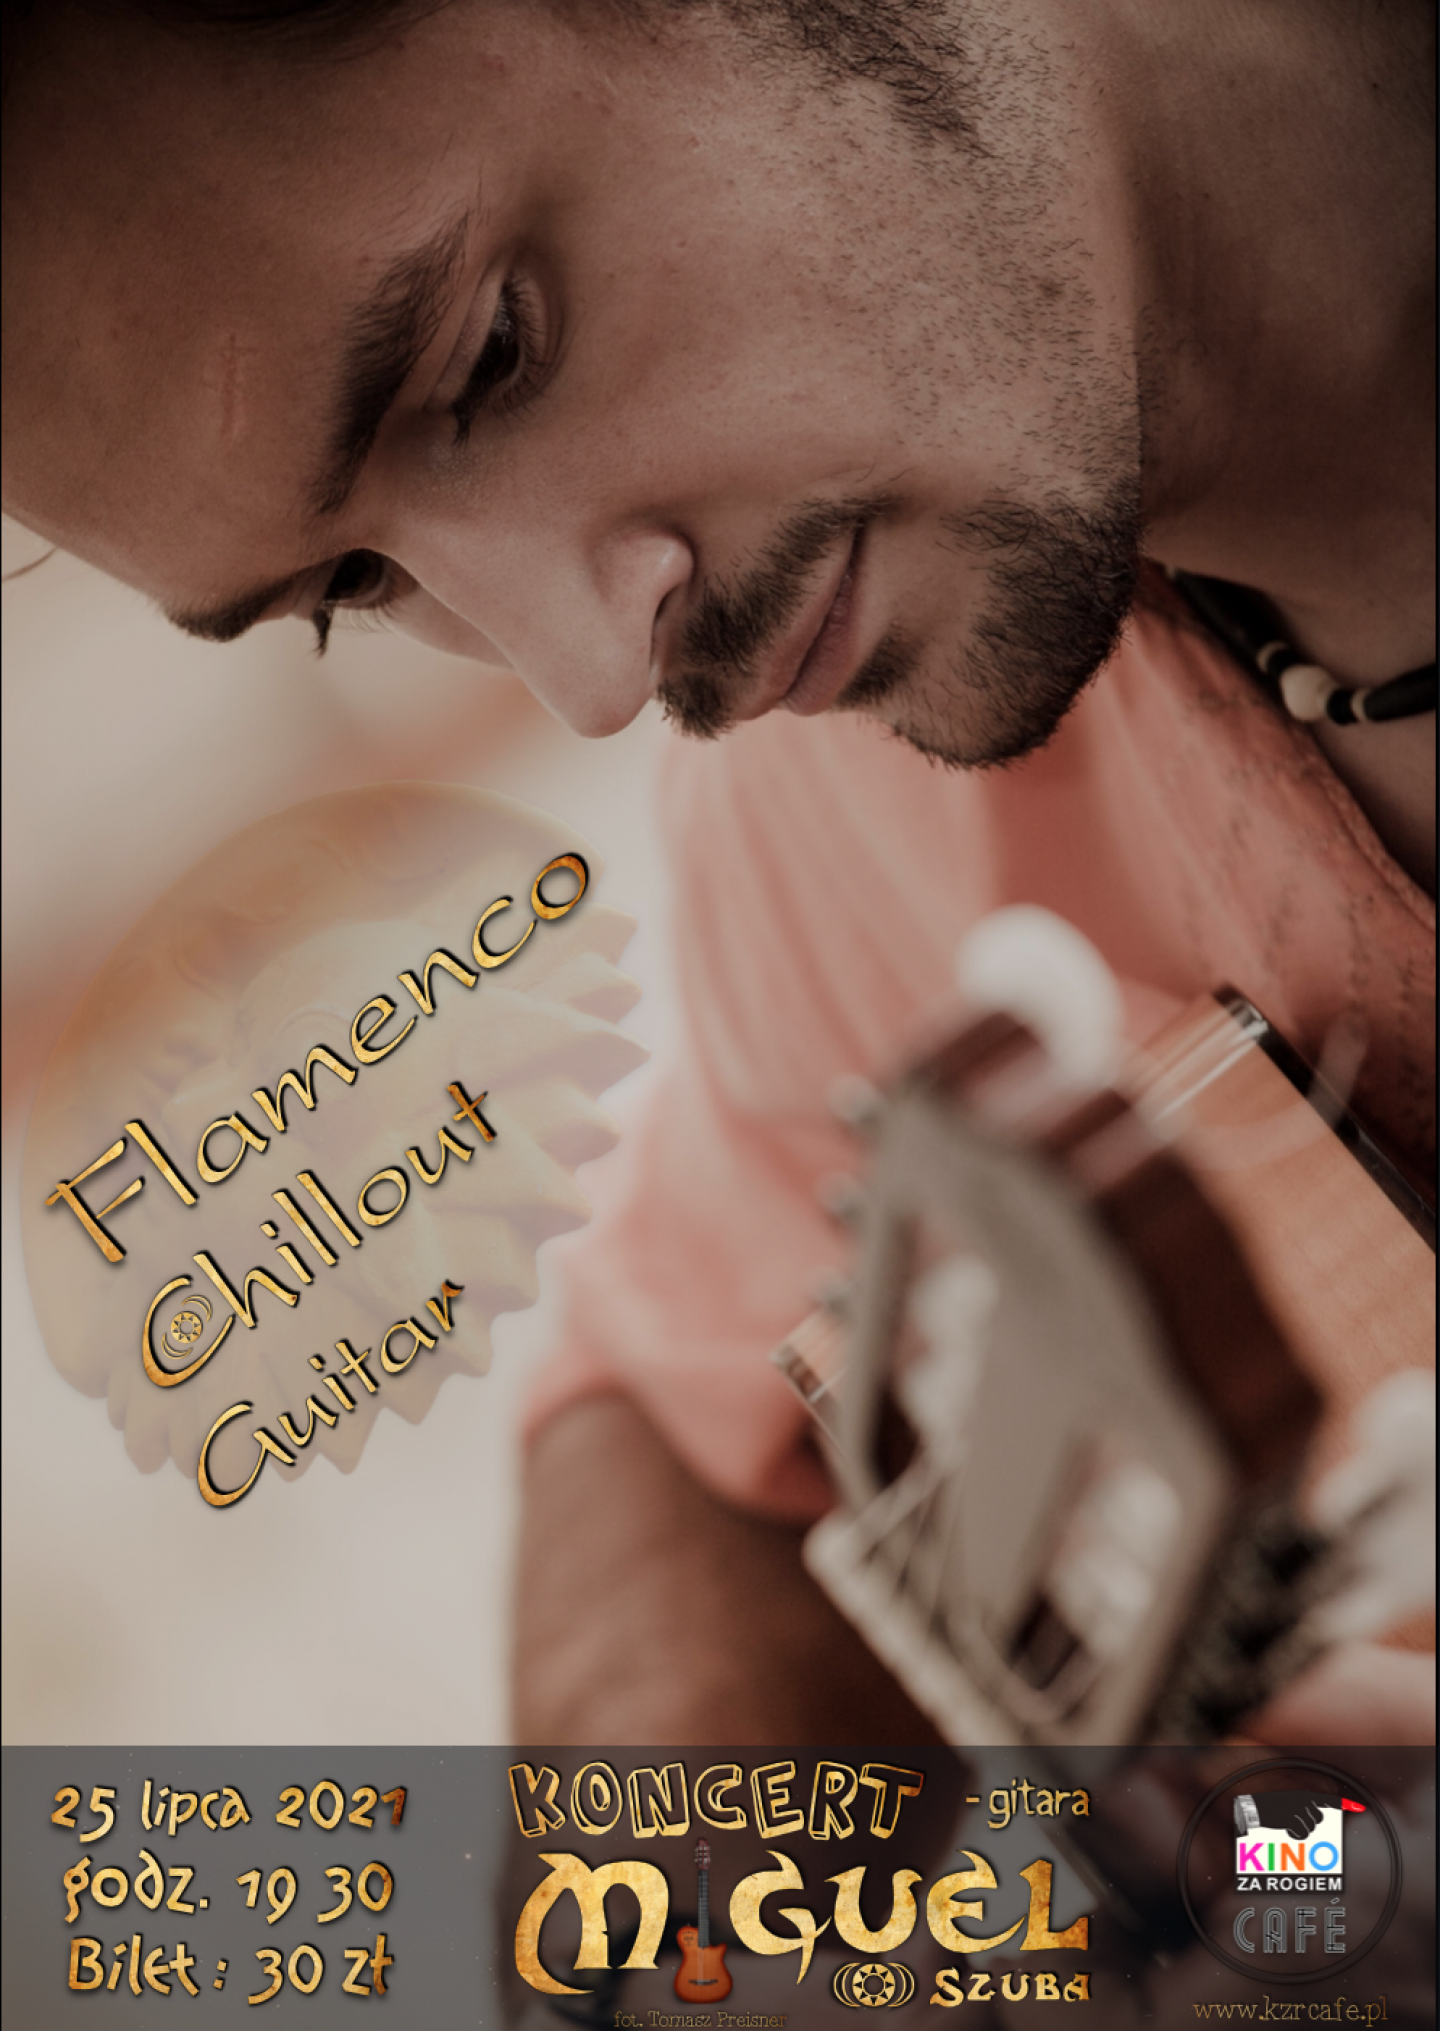 Miguel Szuba - Flamenco Chillout Guitar - Rzeszów 25.07-2021